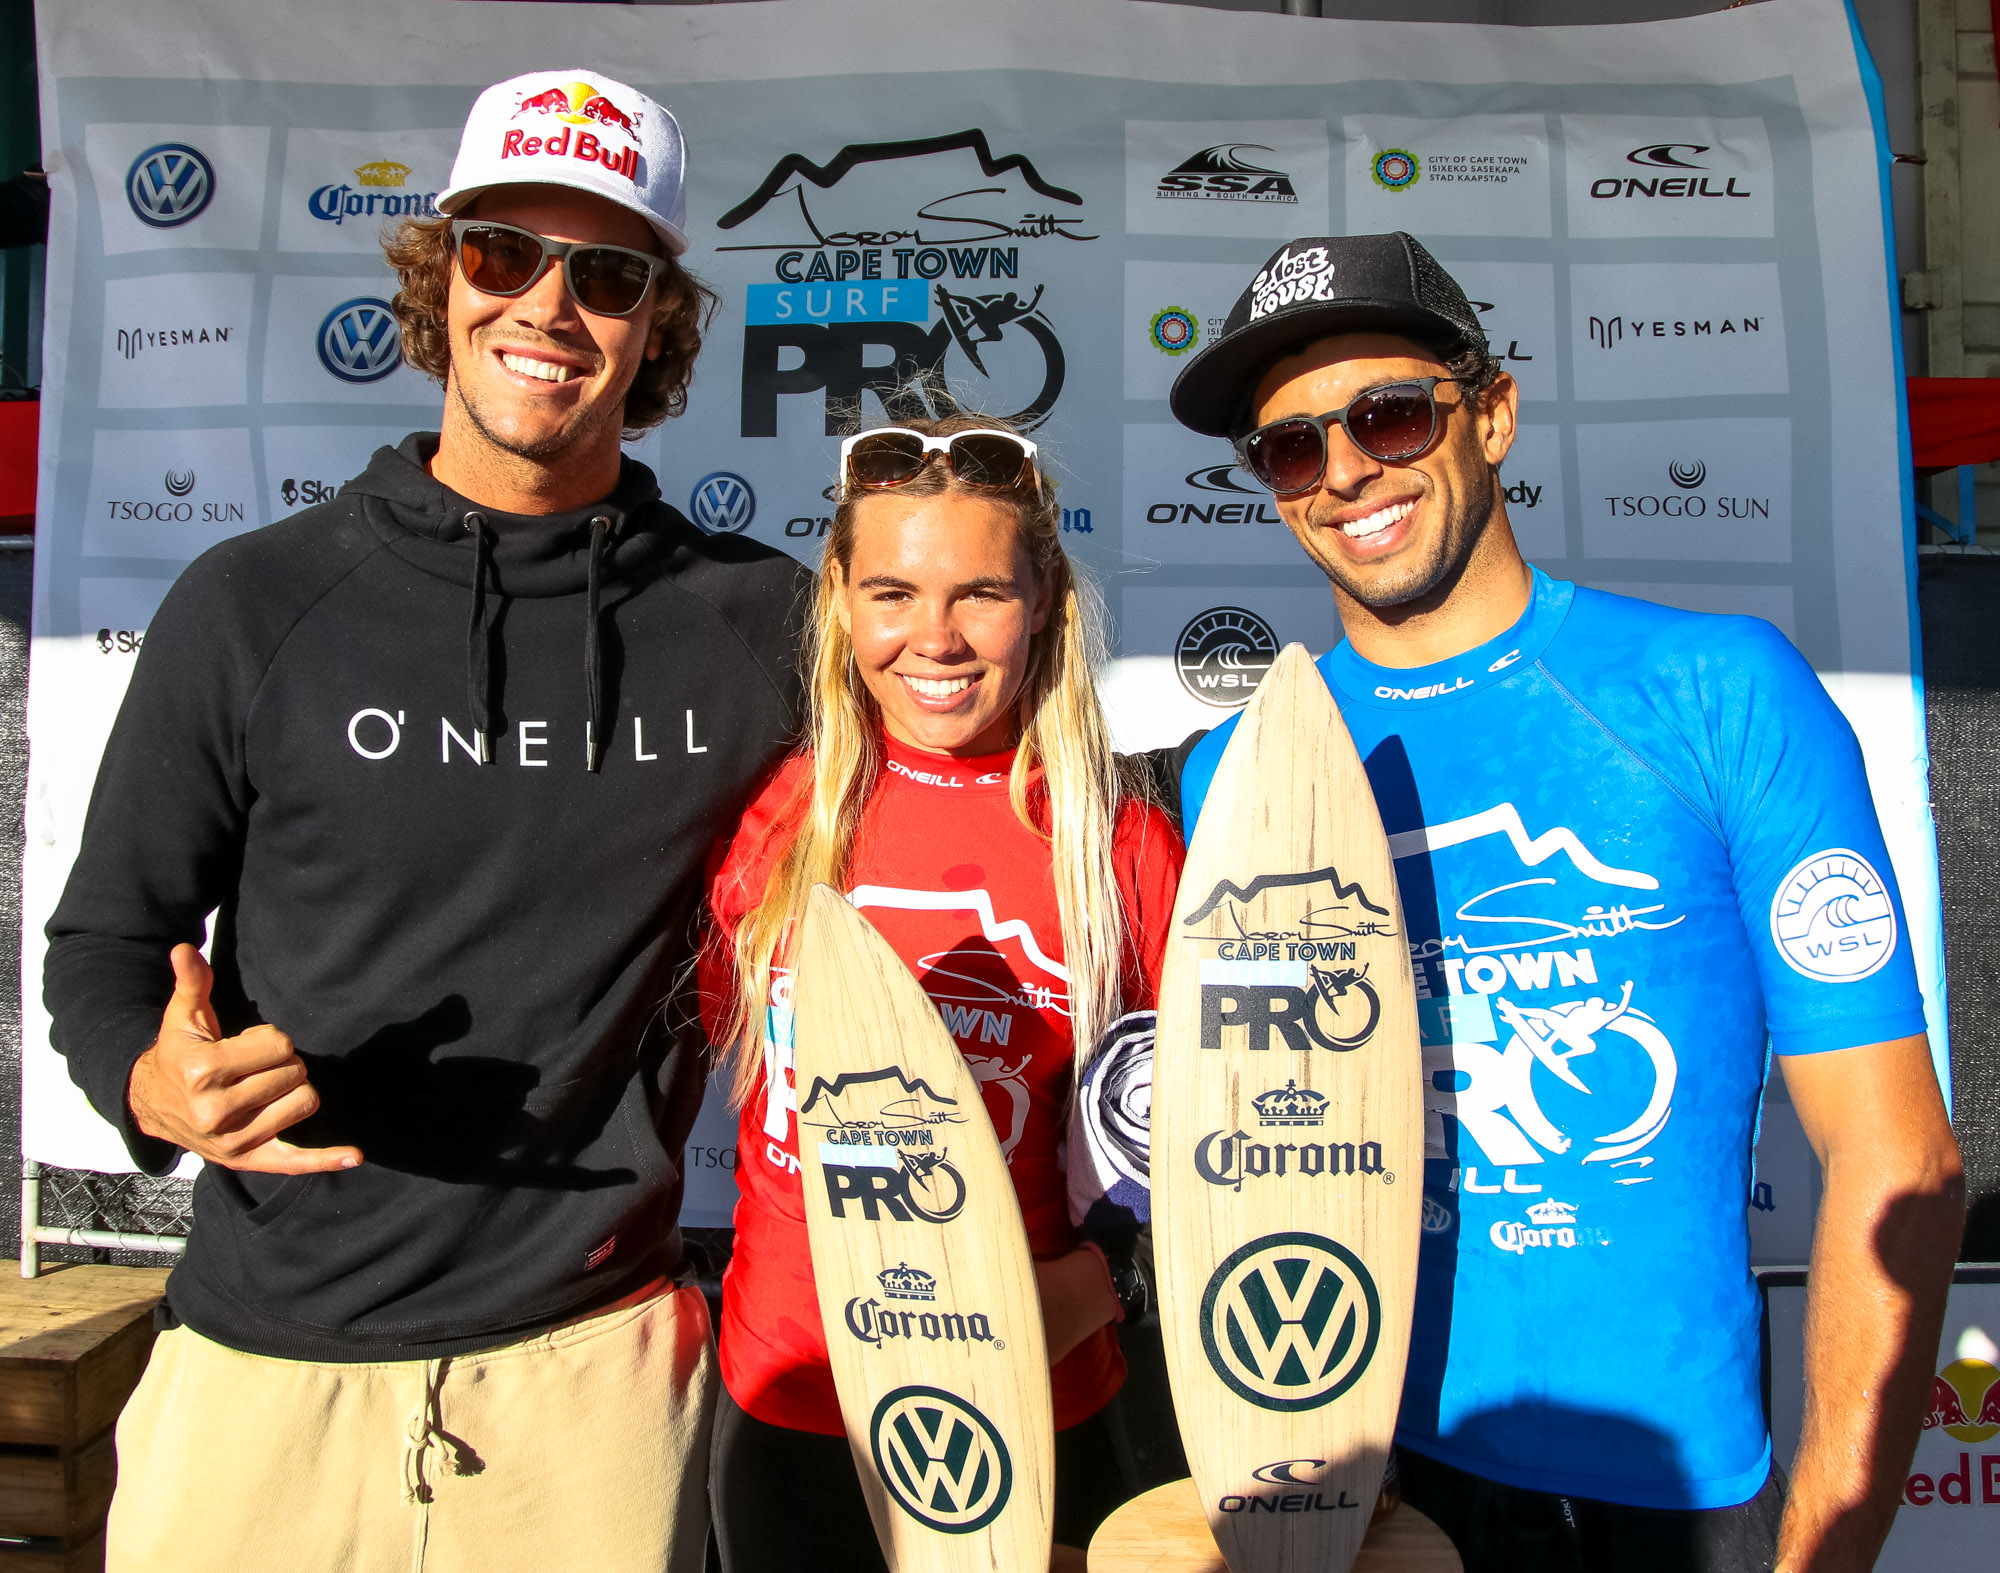 Jordy Smith com os campeões (Cape Town Surf Pro)